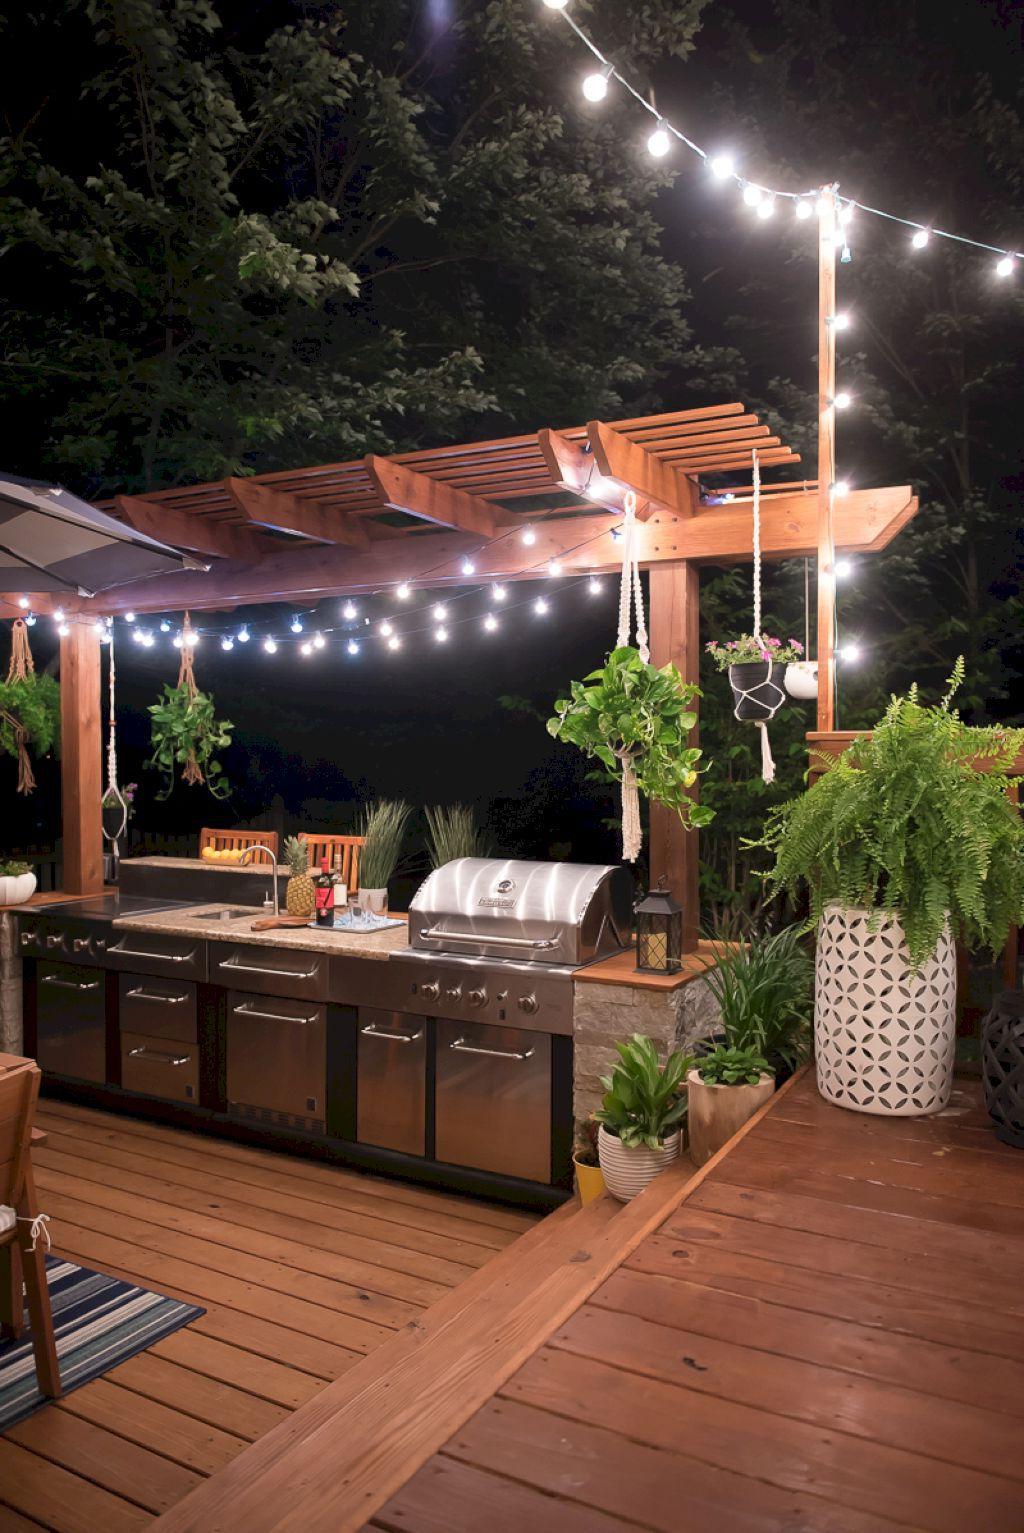 30 Best Outdoor Kitchen Design Ideas